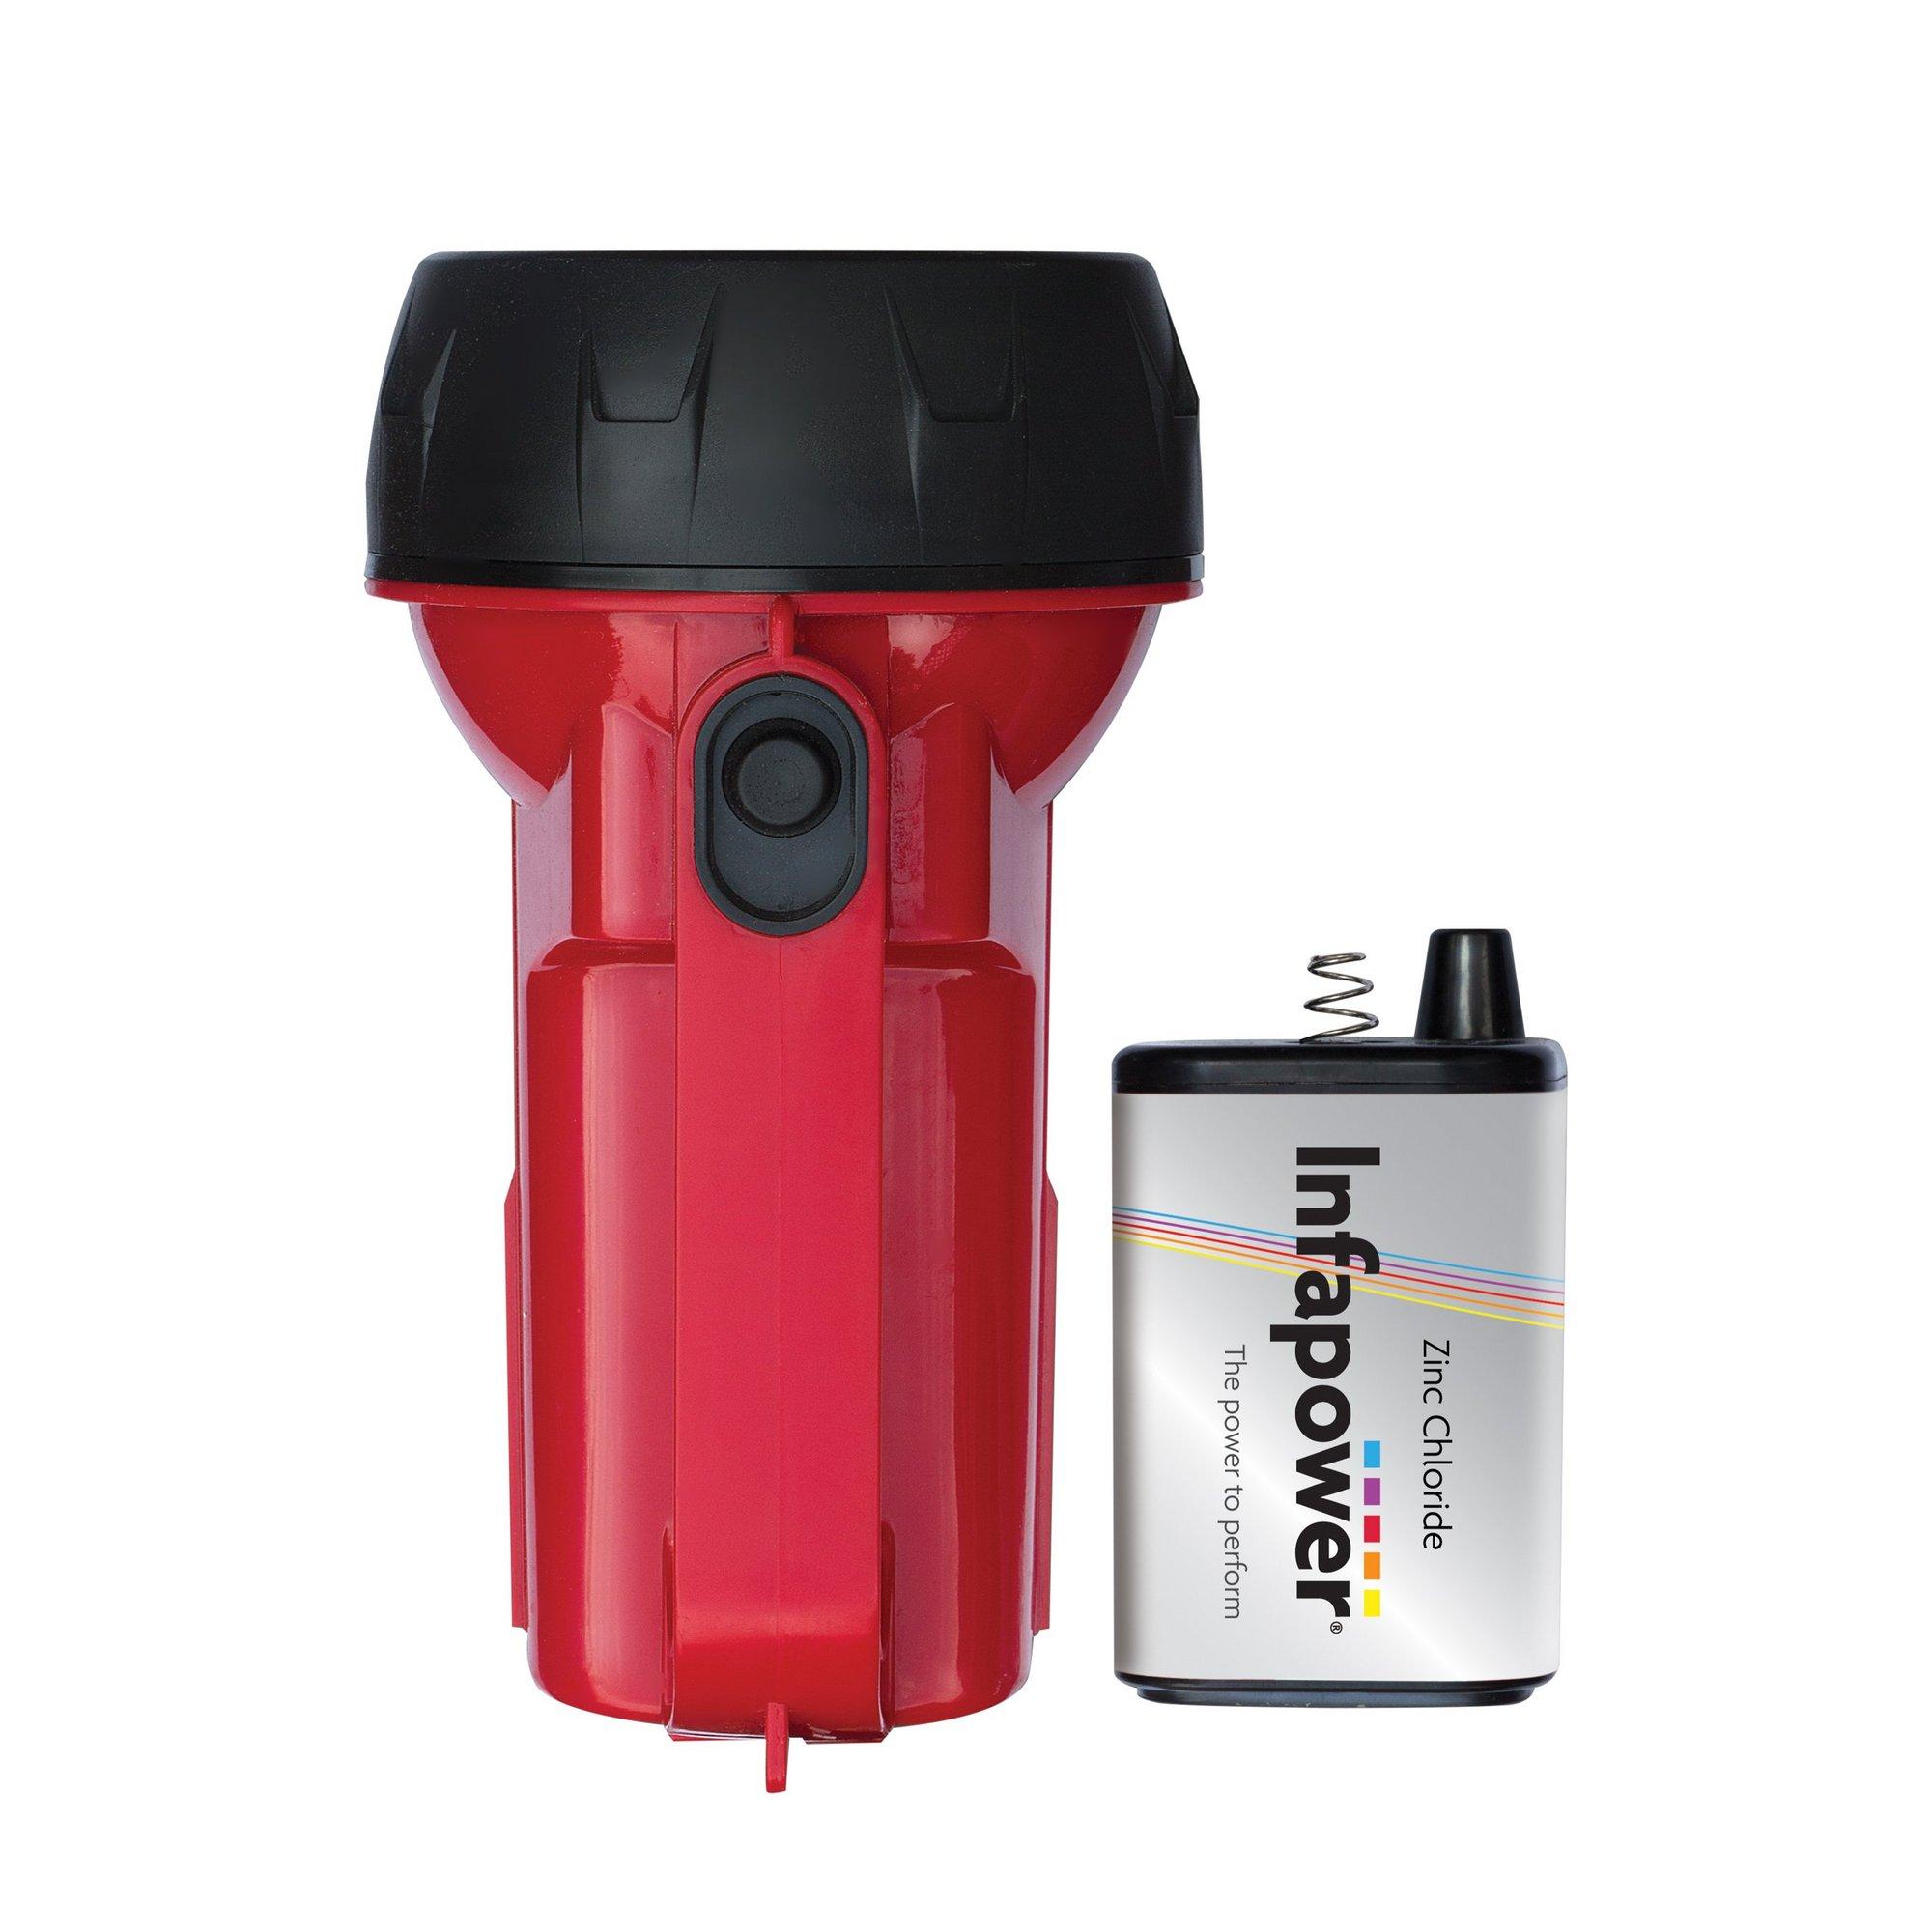 Image of Infapower 6 Volt Lantern Torch